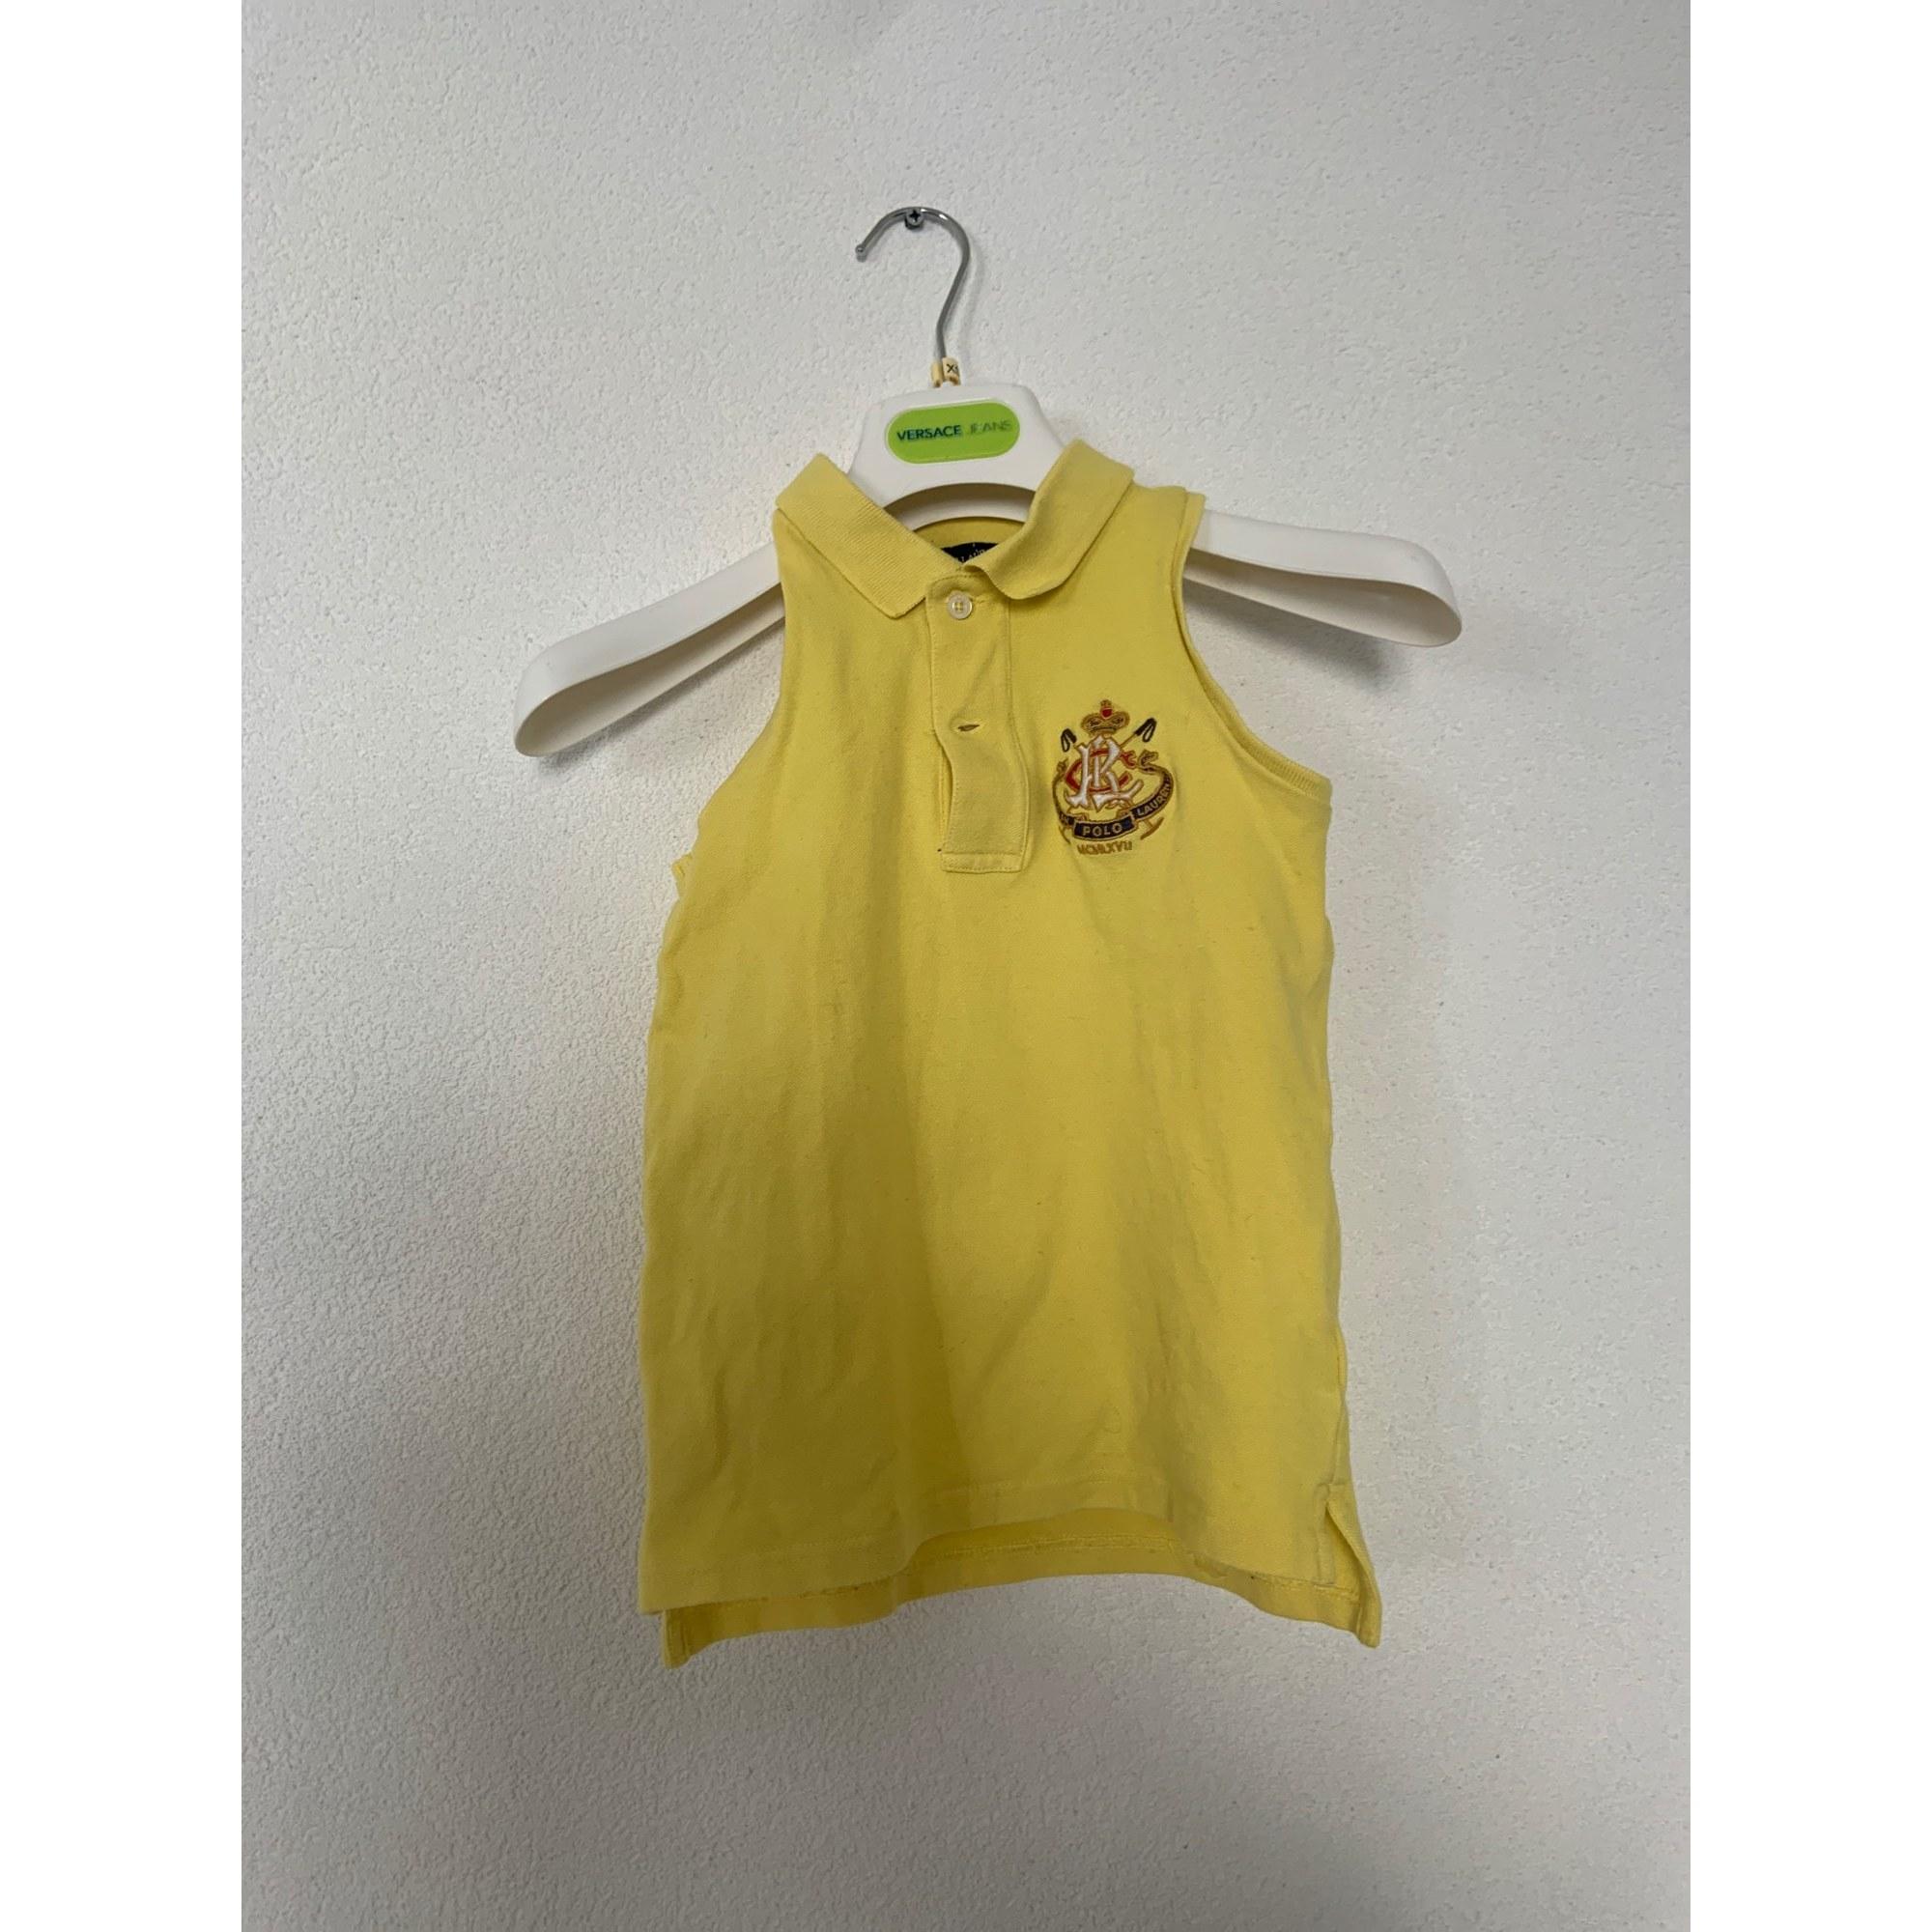 Top, Tee-shirt RALPH LAUREN Jaune